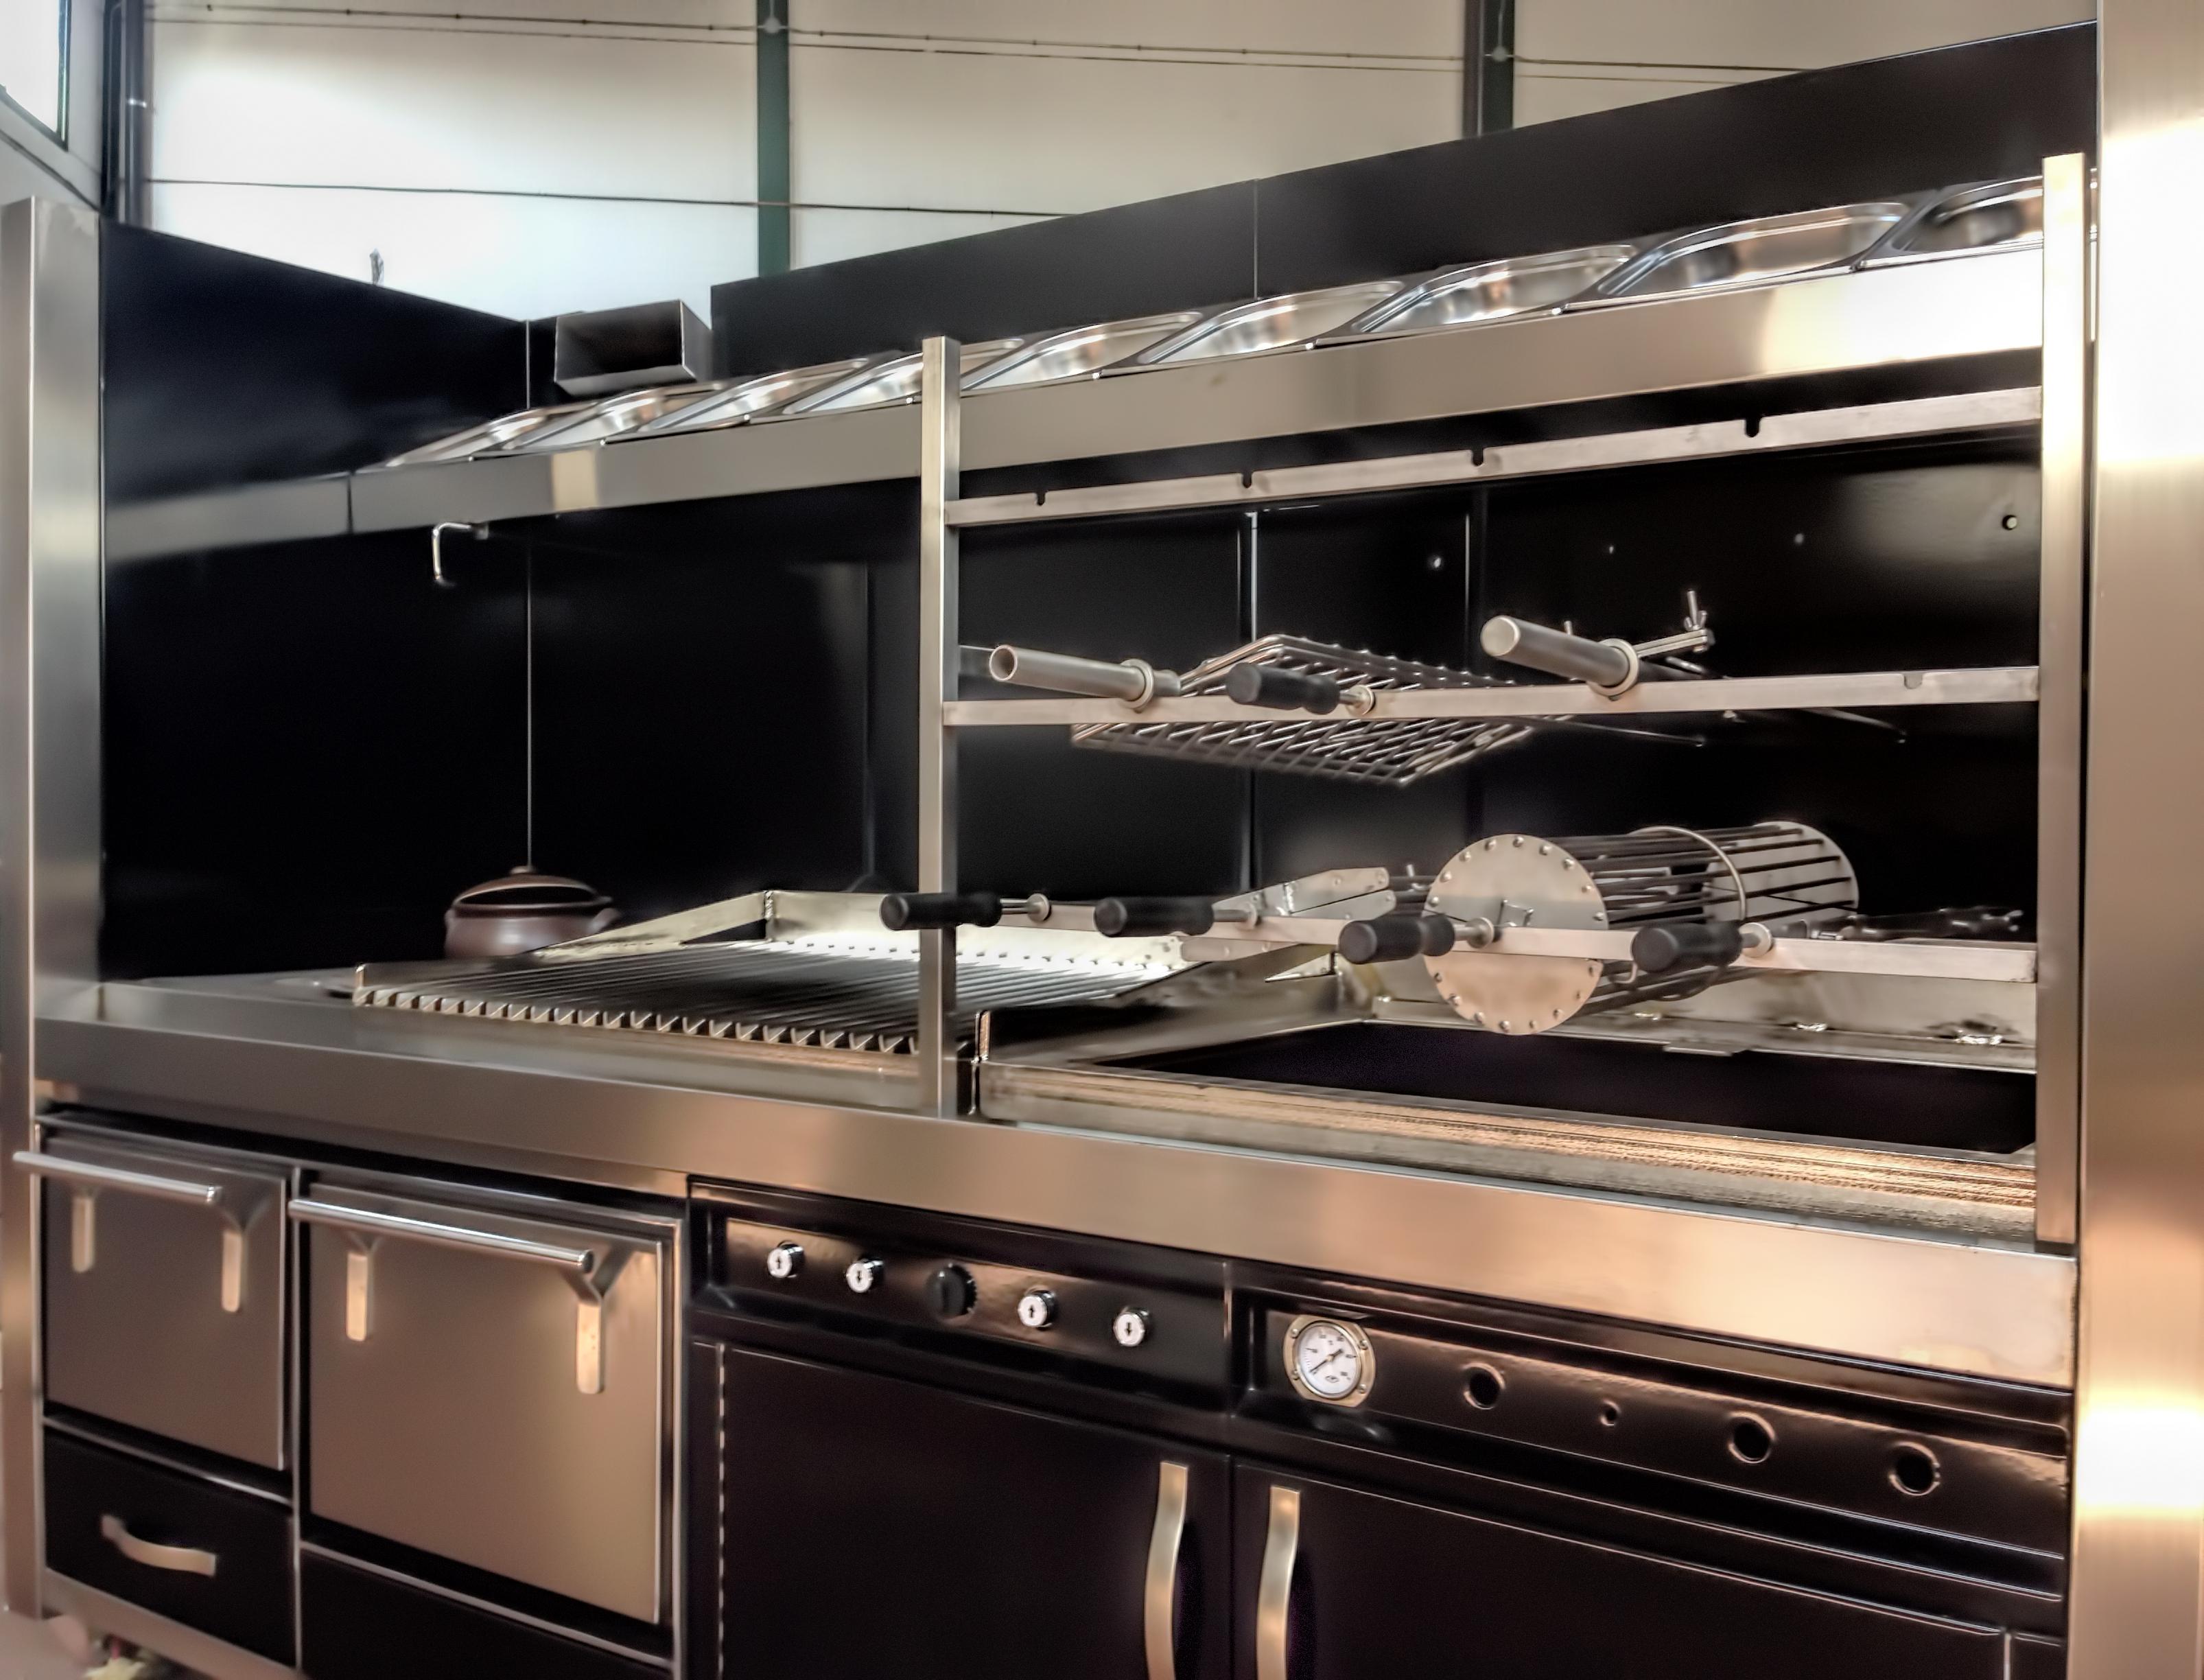 fotos-parrillas-proyectos-obras-aceroinnova-cocinas-hosteleria-restauracion-instalaciones-montaje18